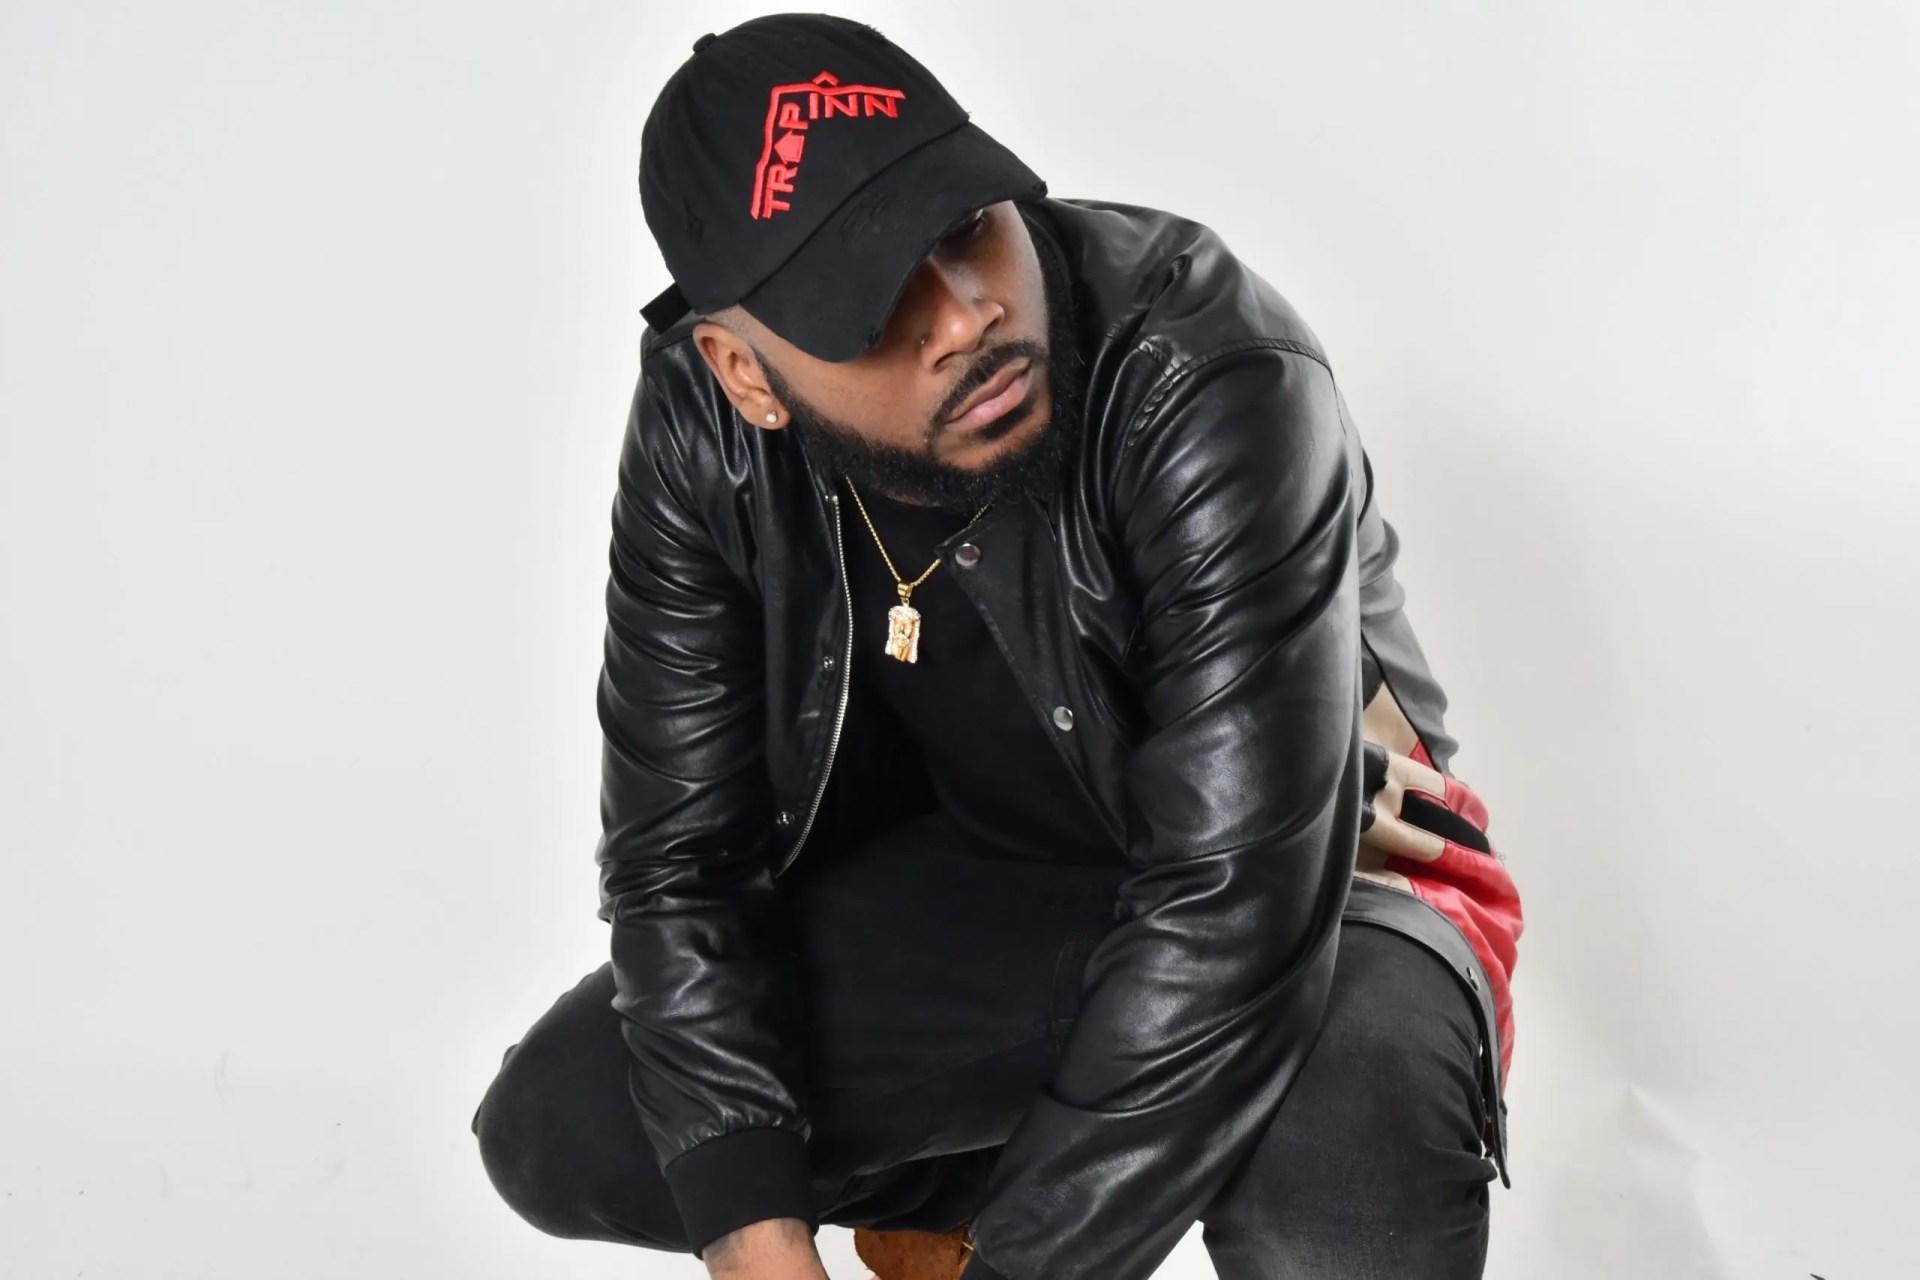 DJ Sheesh squat